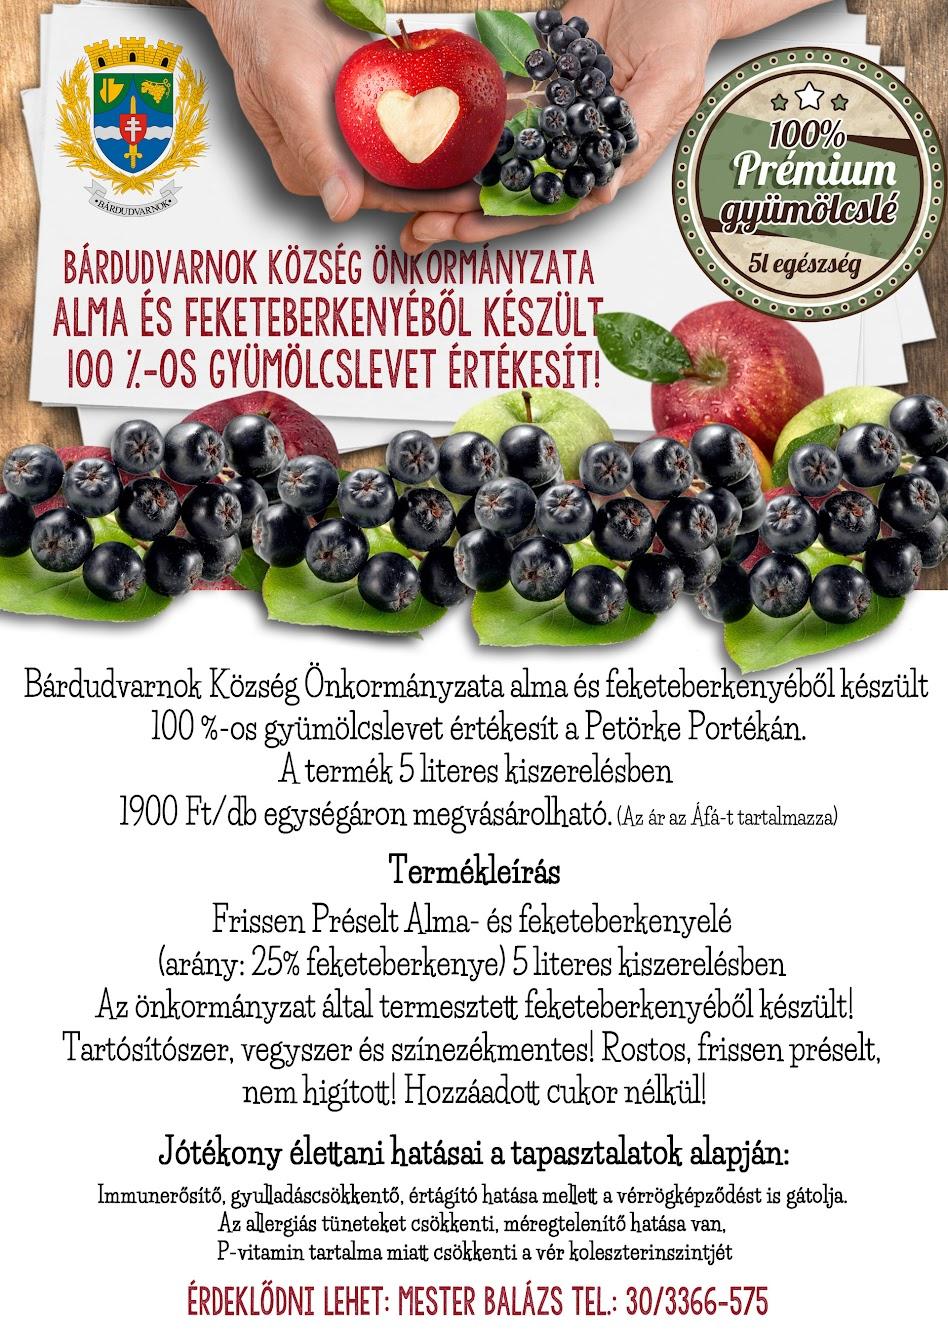 Gyümölcslé plakát Bárdudvarnok Petörke Portéka - termékleírás